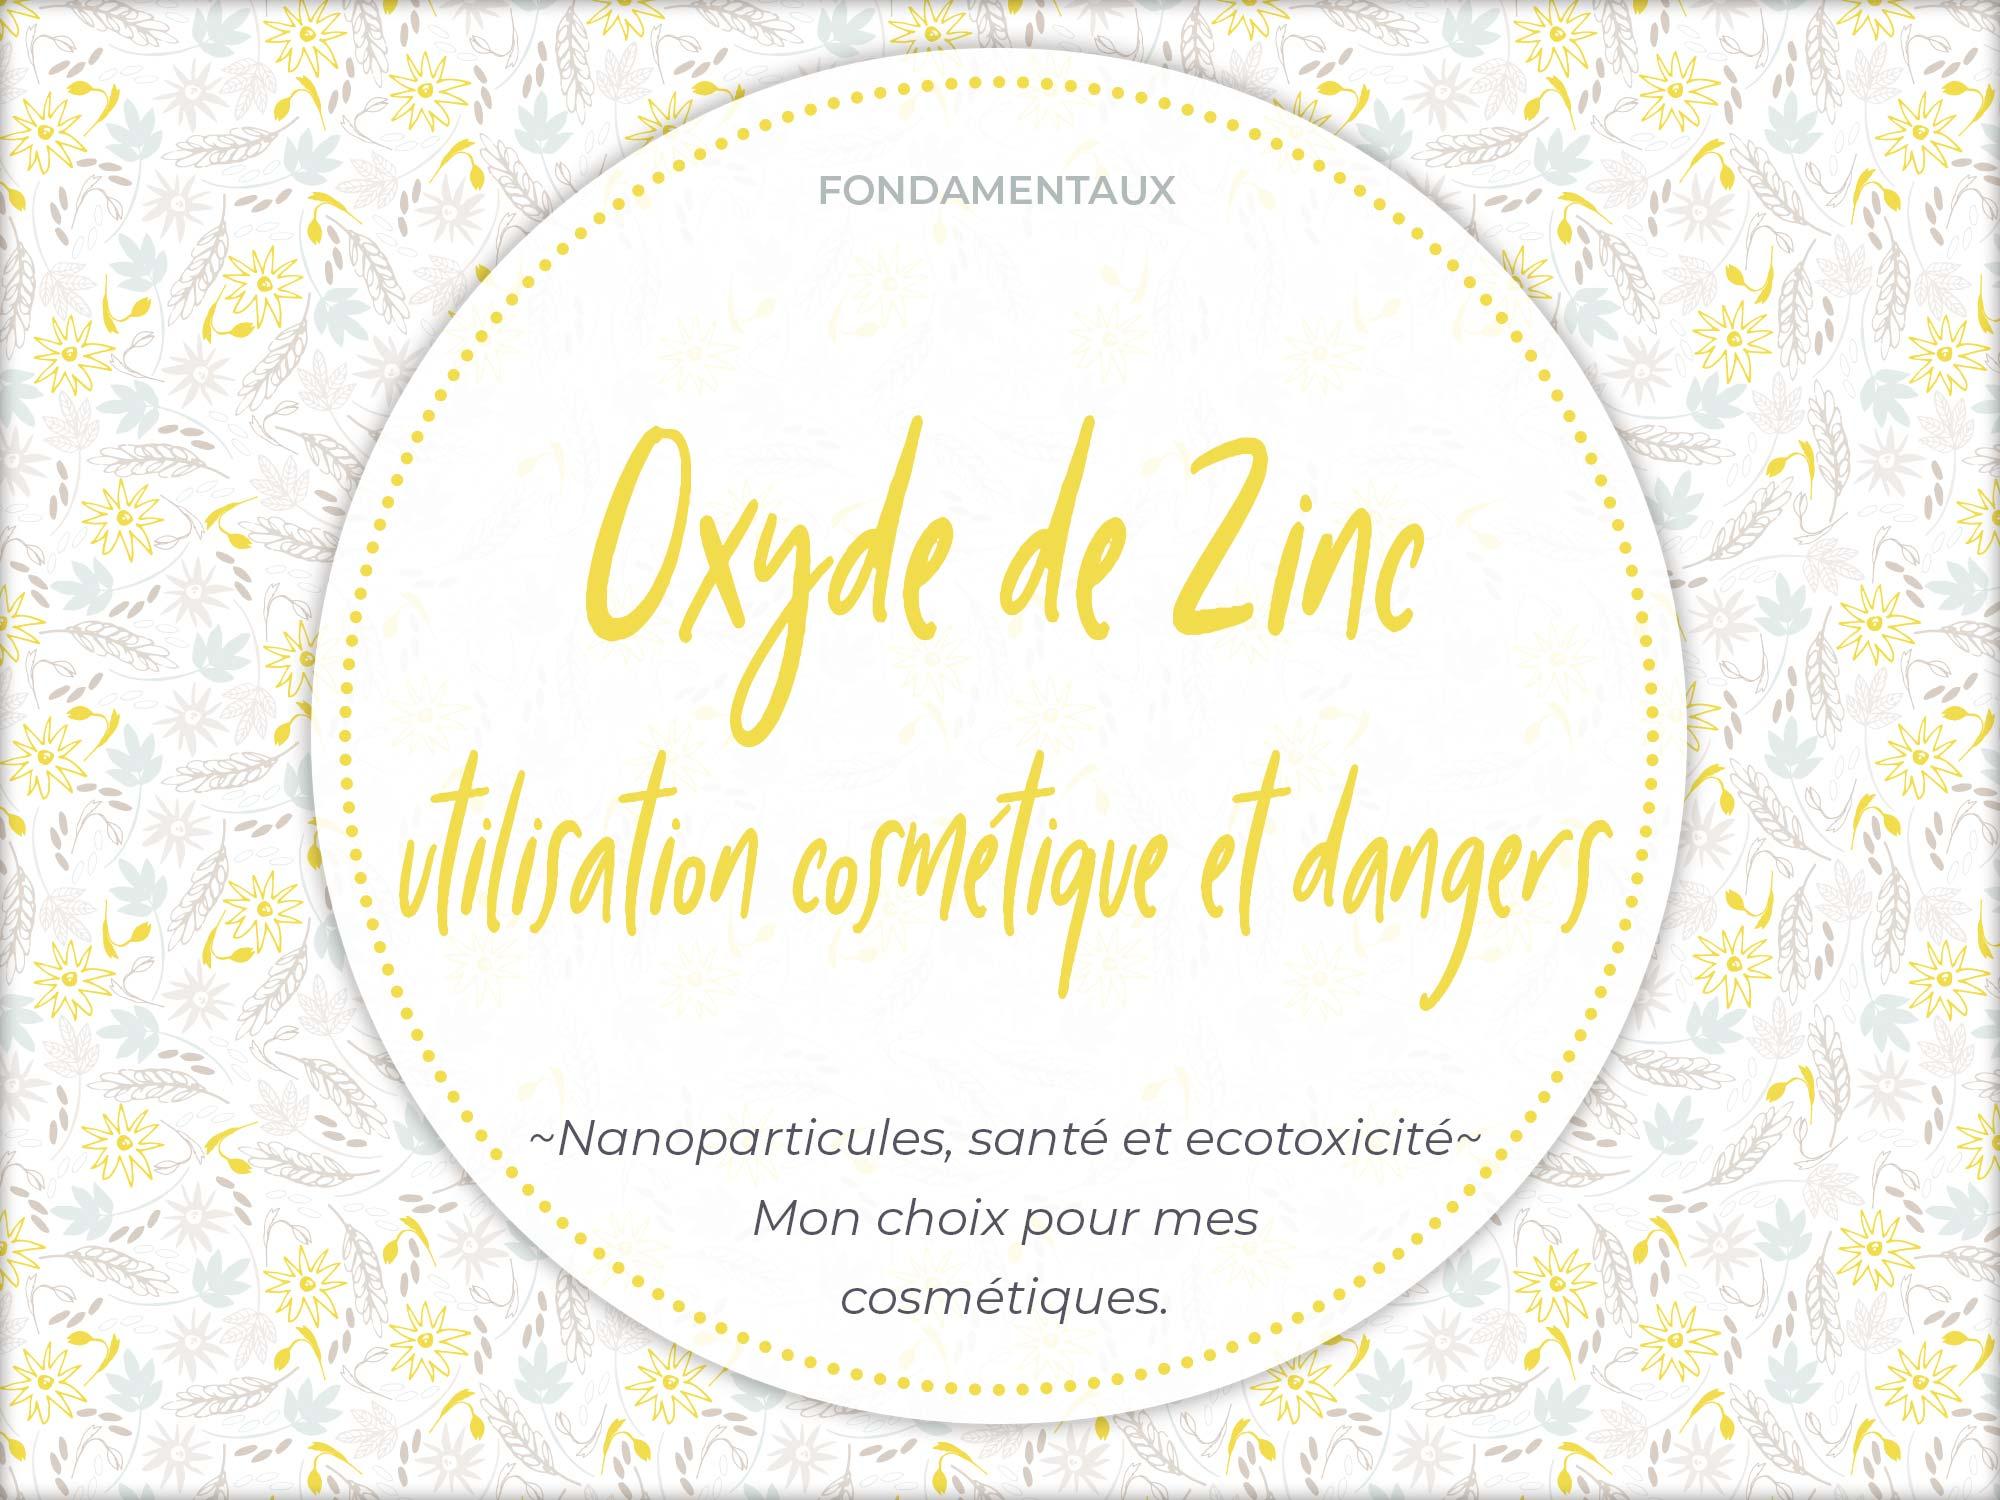 Oxyde de zinc : utilisations en cosmétique et danger(s)